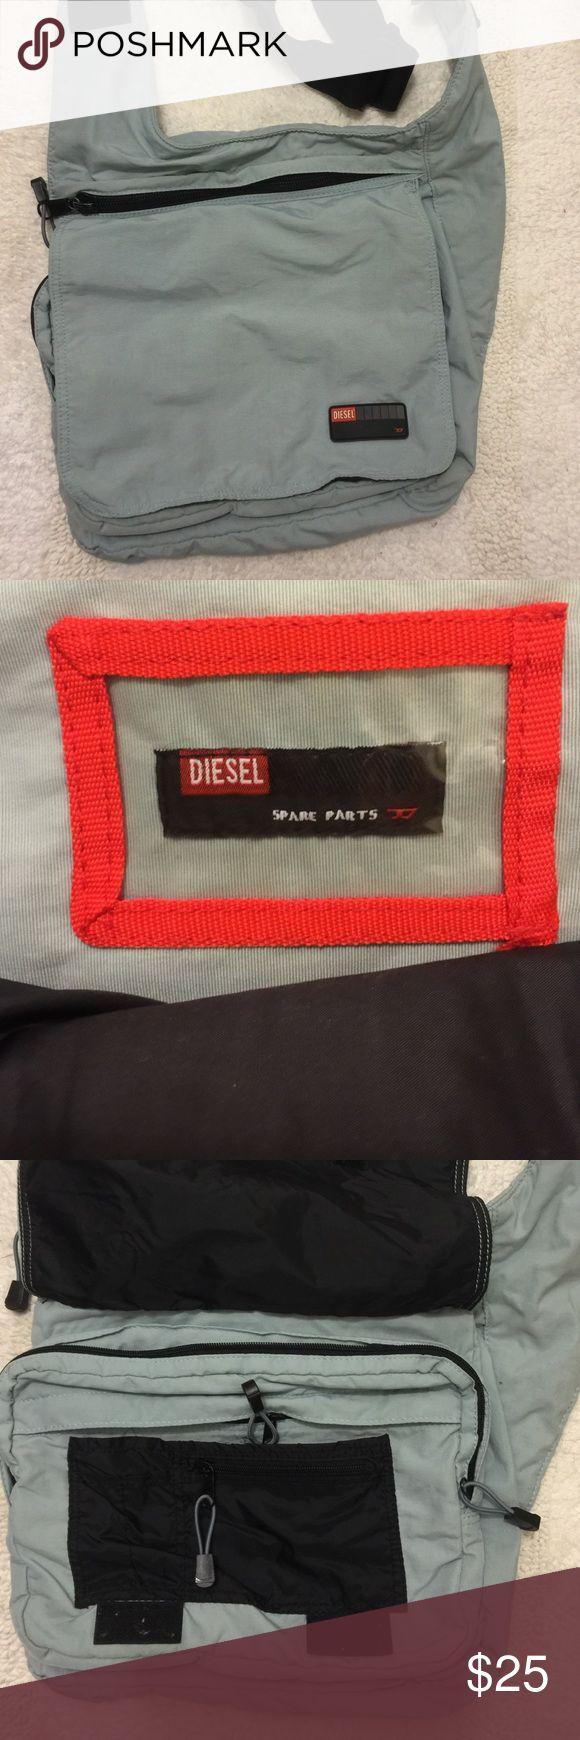 Diesel Crossbody/Messenger Bag Diesel bag, very functional, 5 pockets, 4 with zippers, light bluish gray. Diesel Bags Crossbody Bags